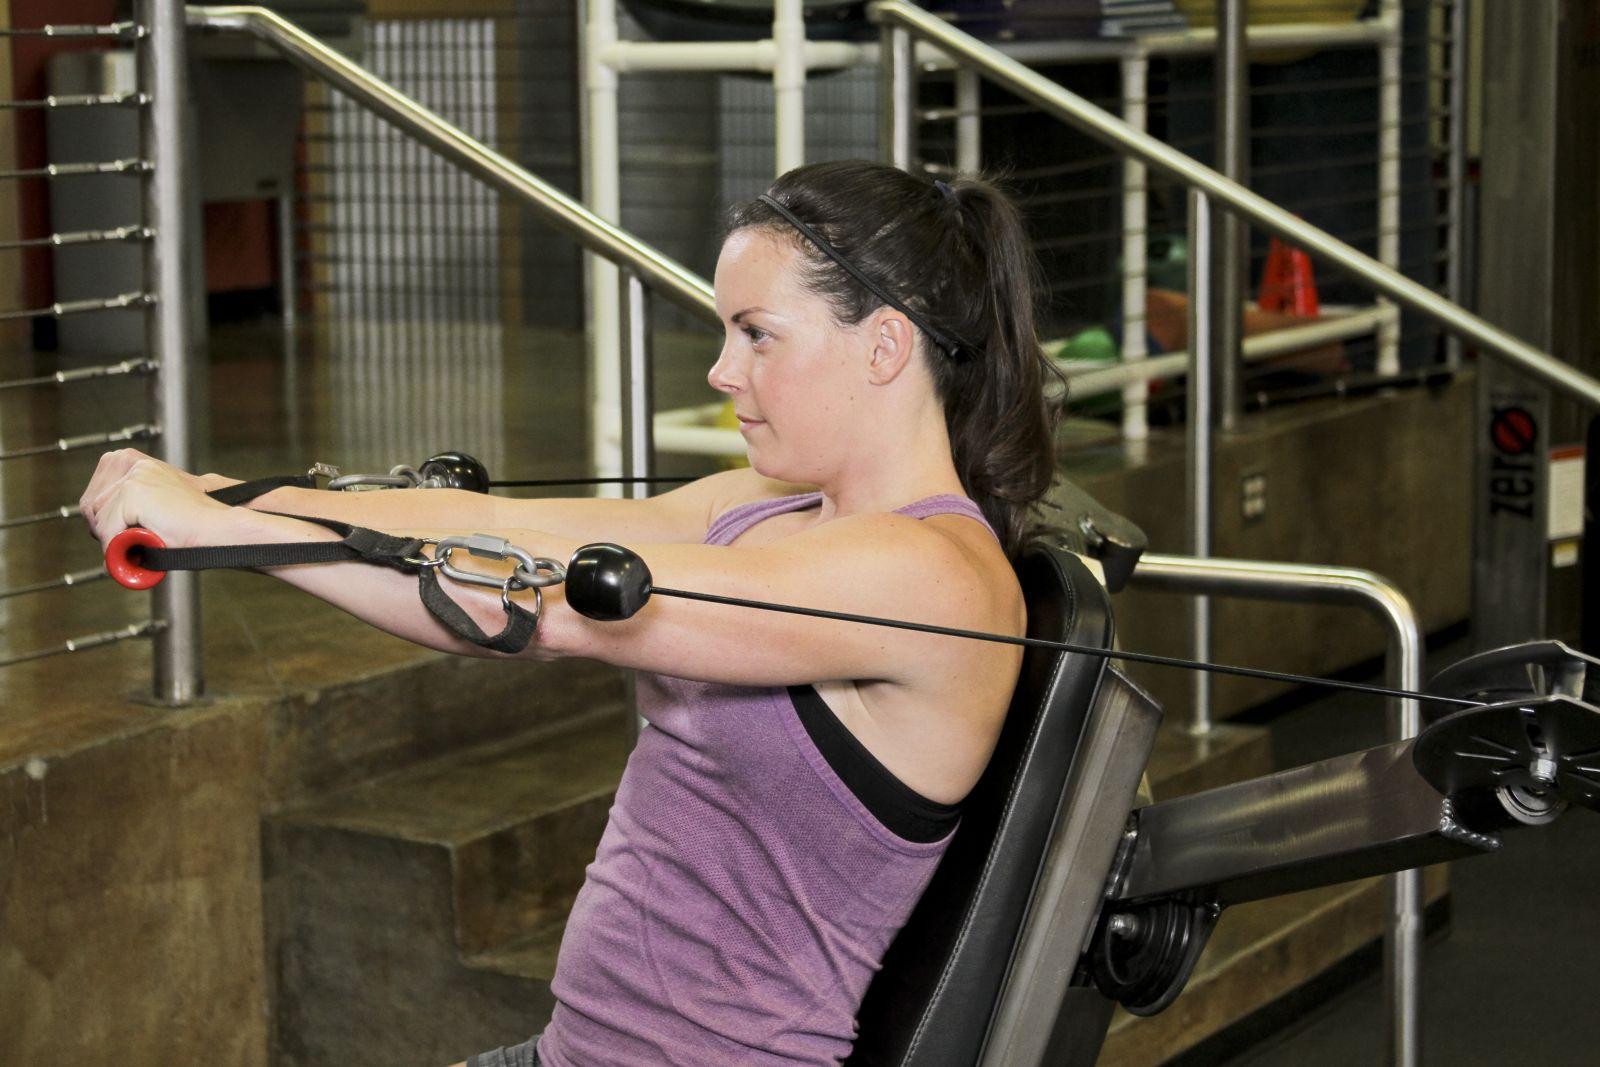 Какими тренажерами не стоит пользоваться в спортзале - фото №3